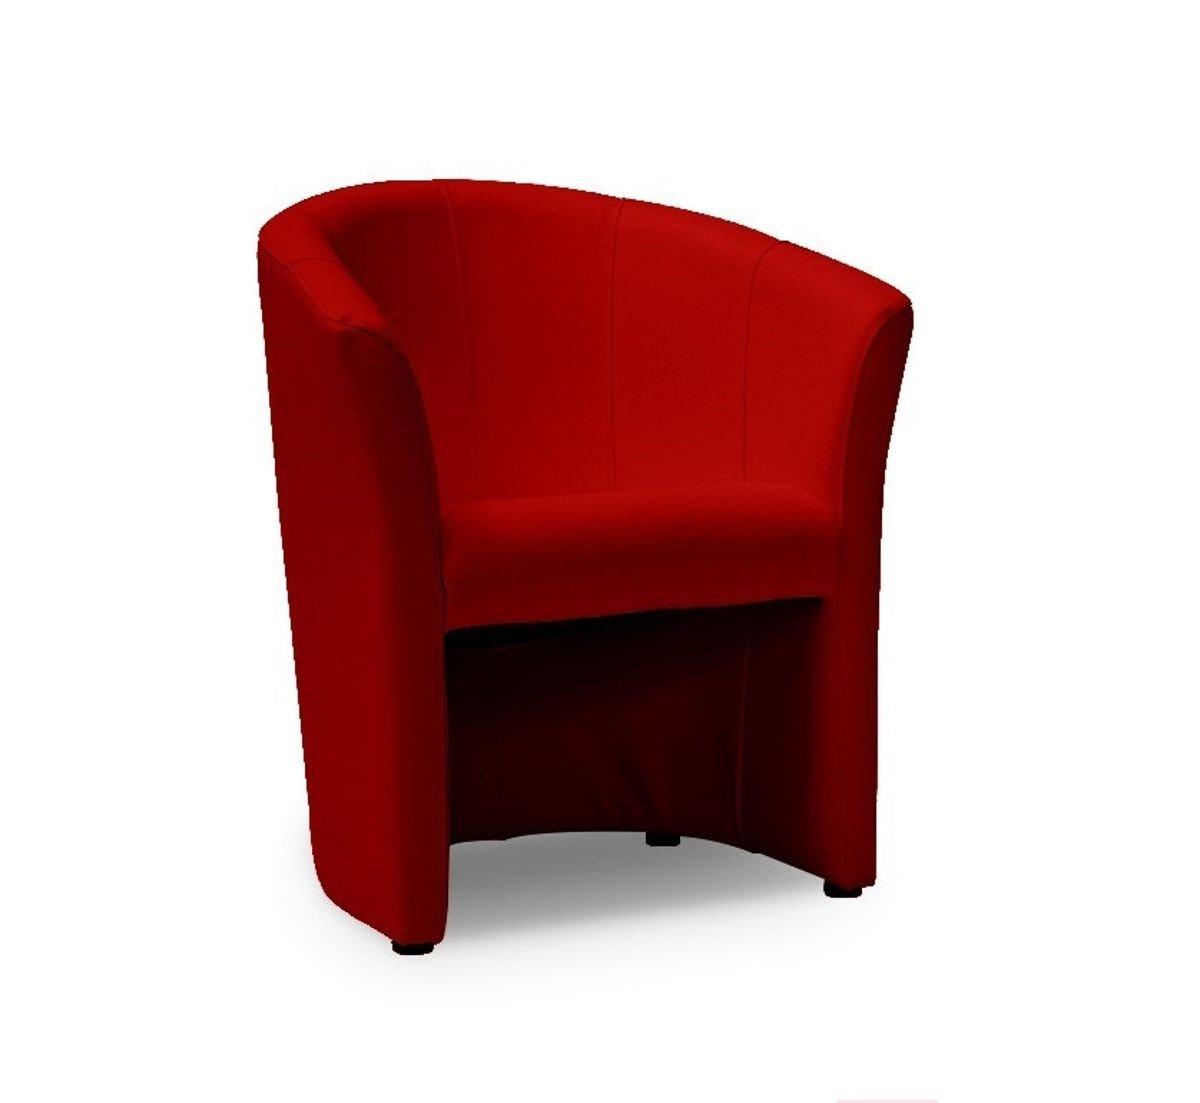 Fotelis Tm-1, raudonas